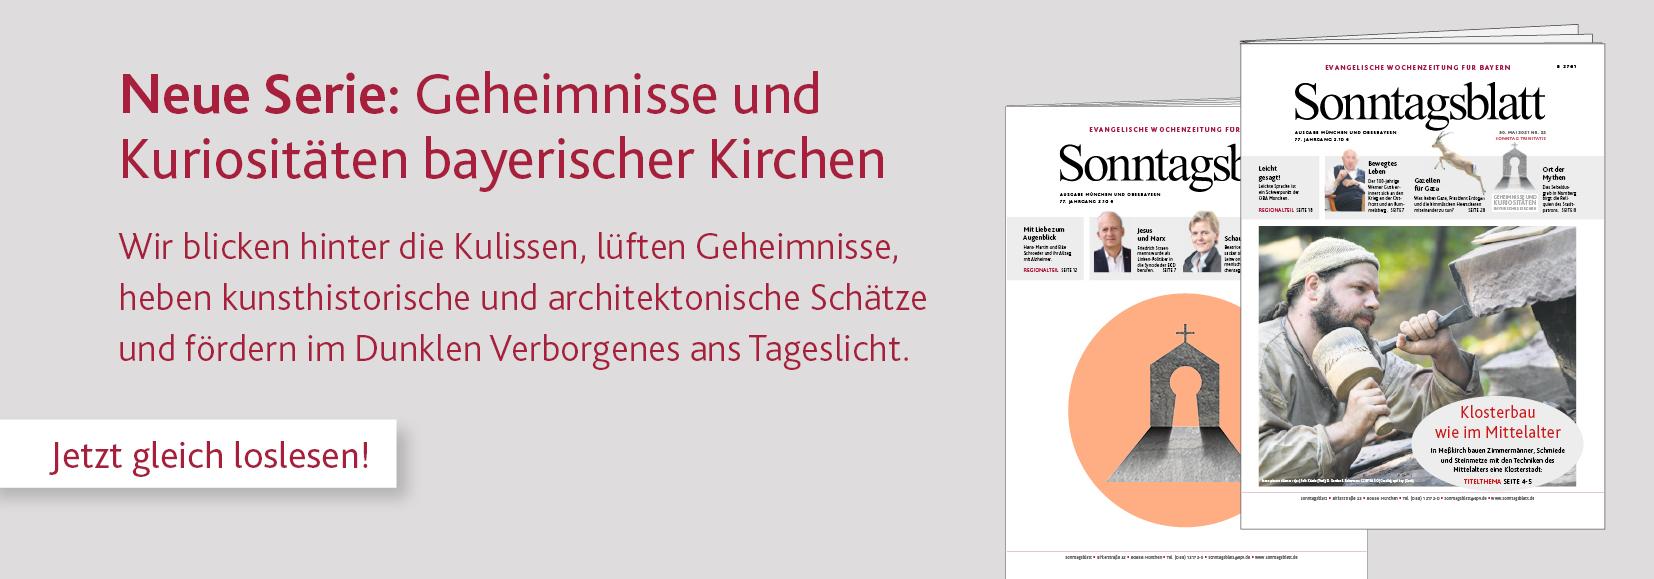 Sonntagsblatt-Abo